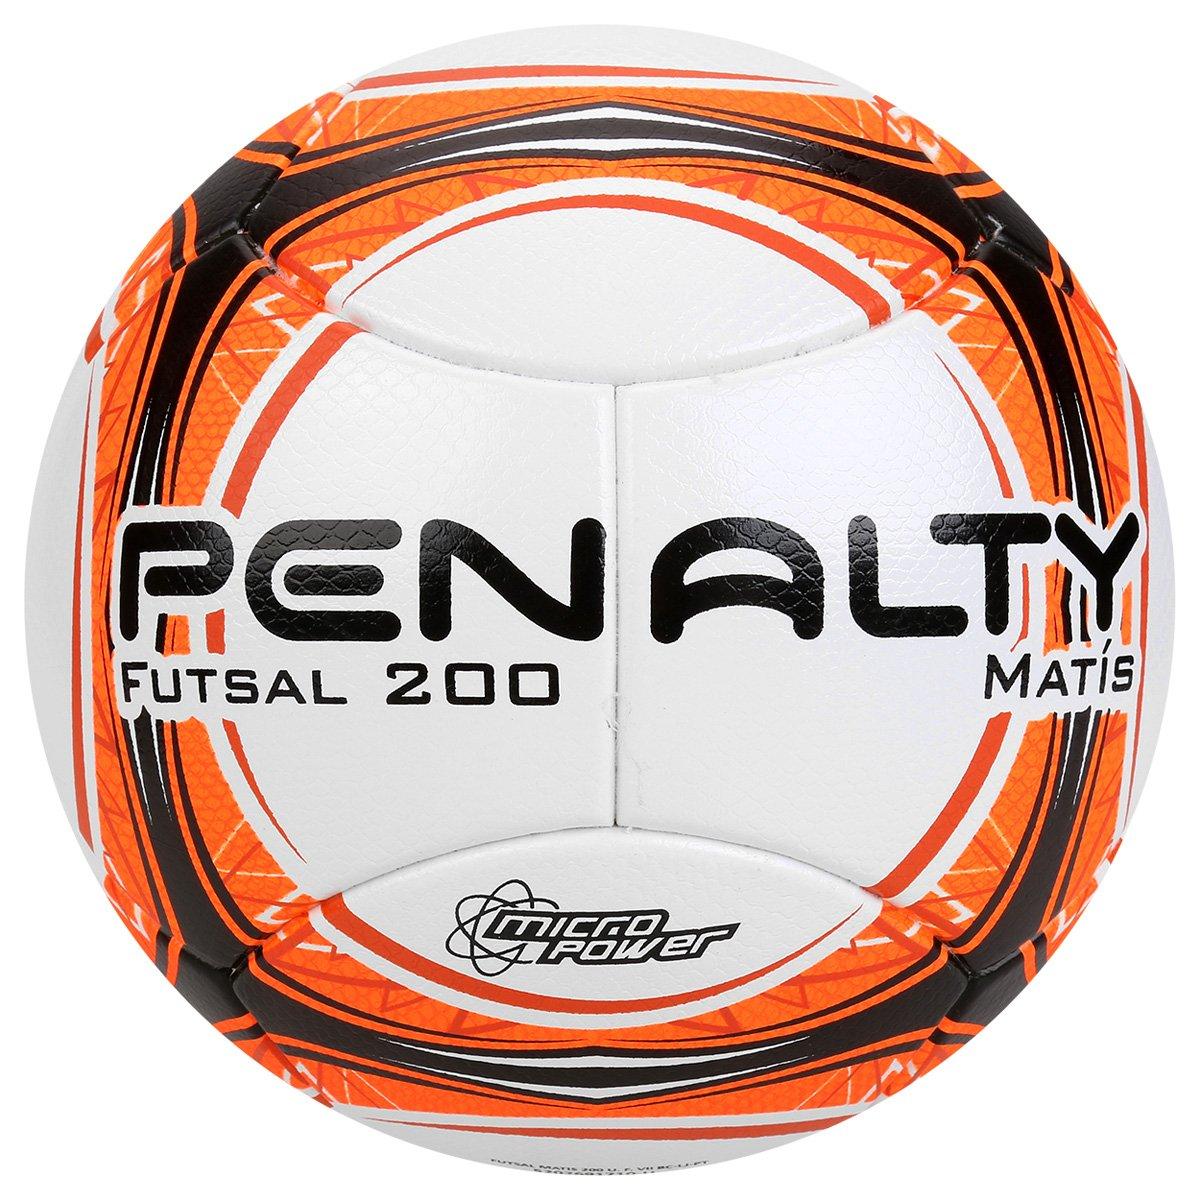 Bola Futebol Penalty Matis 200 Ultra Fusion 7 Futsal - Compre Agora ... 07f1d5a64ba20